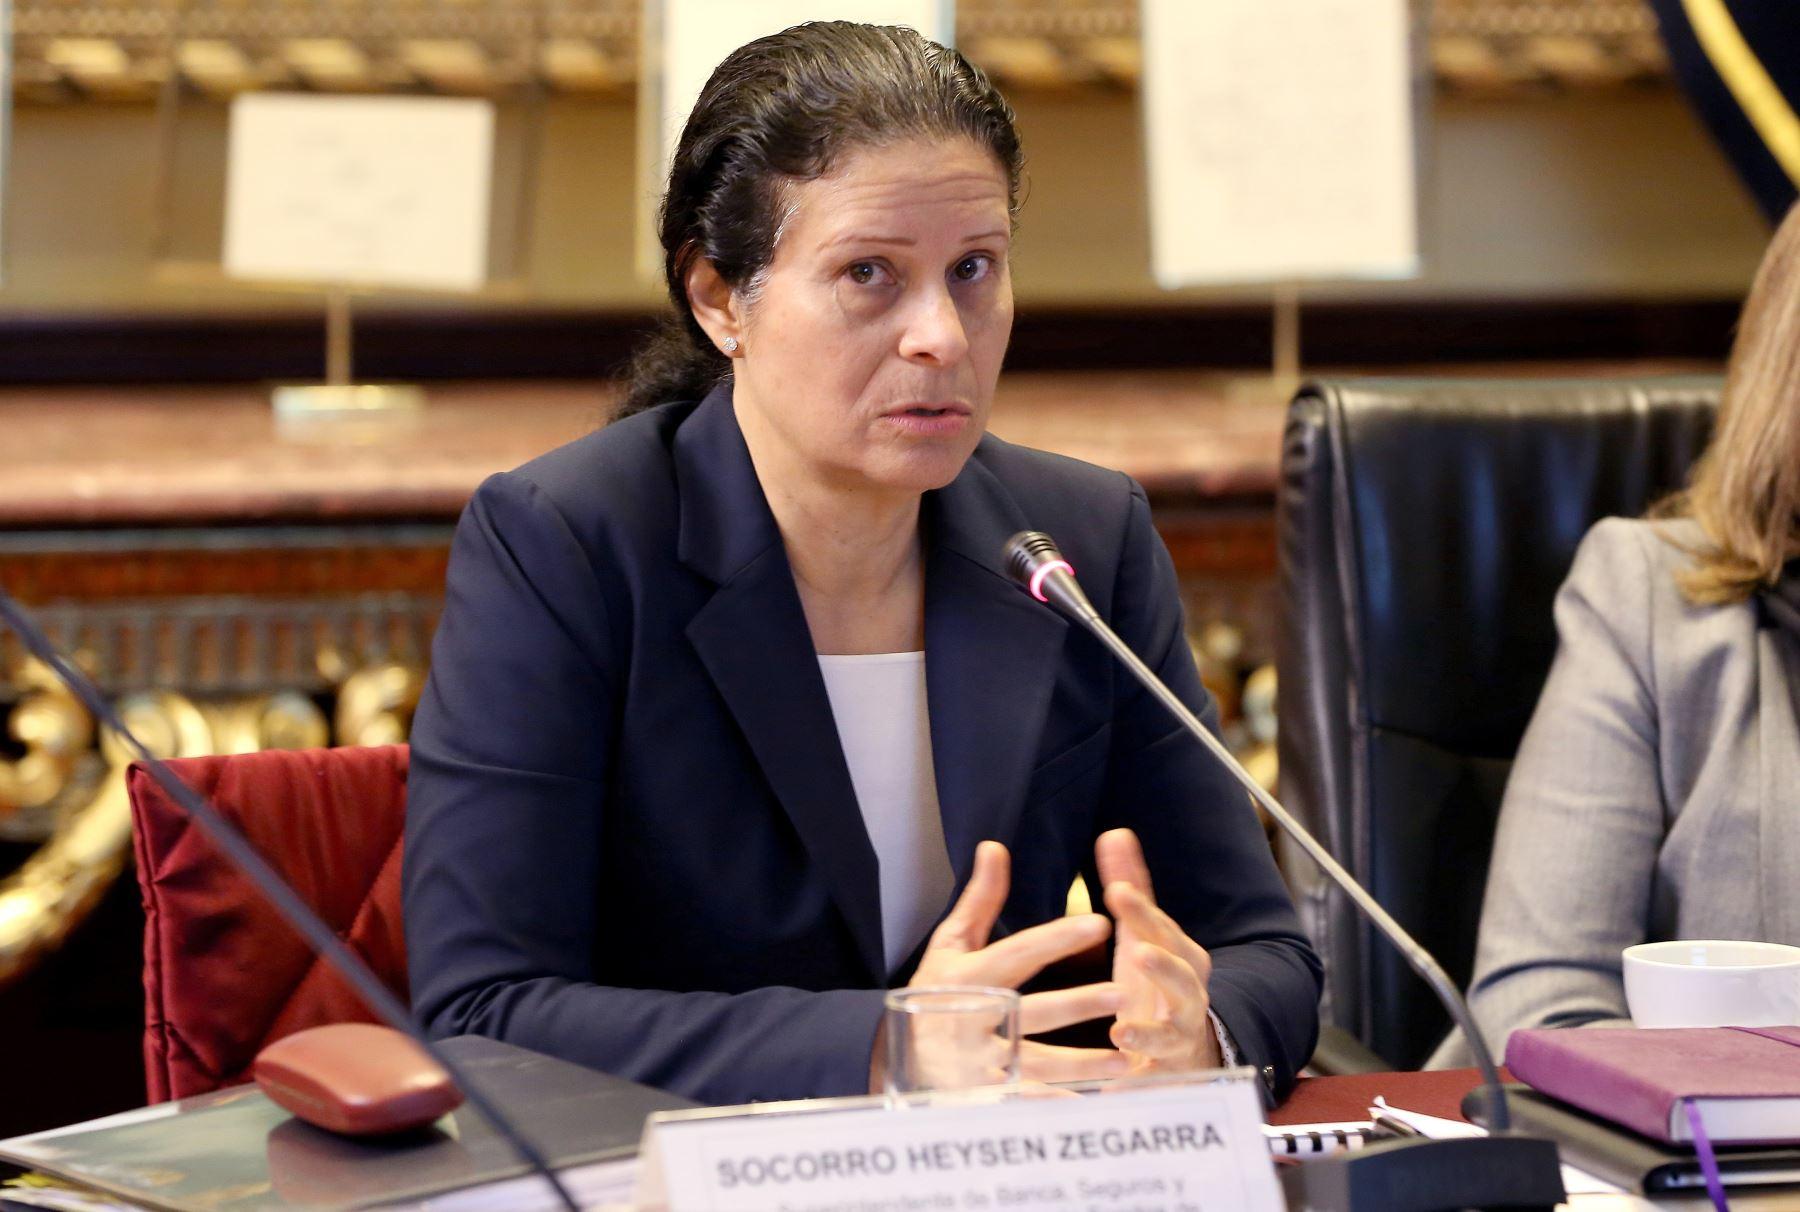 Jefa de la SBS, María del Socorro Heysen, se presentó en la comisión de Economía del Congreso de la República.